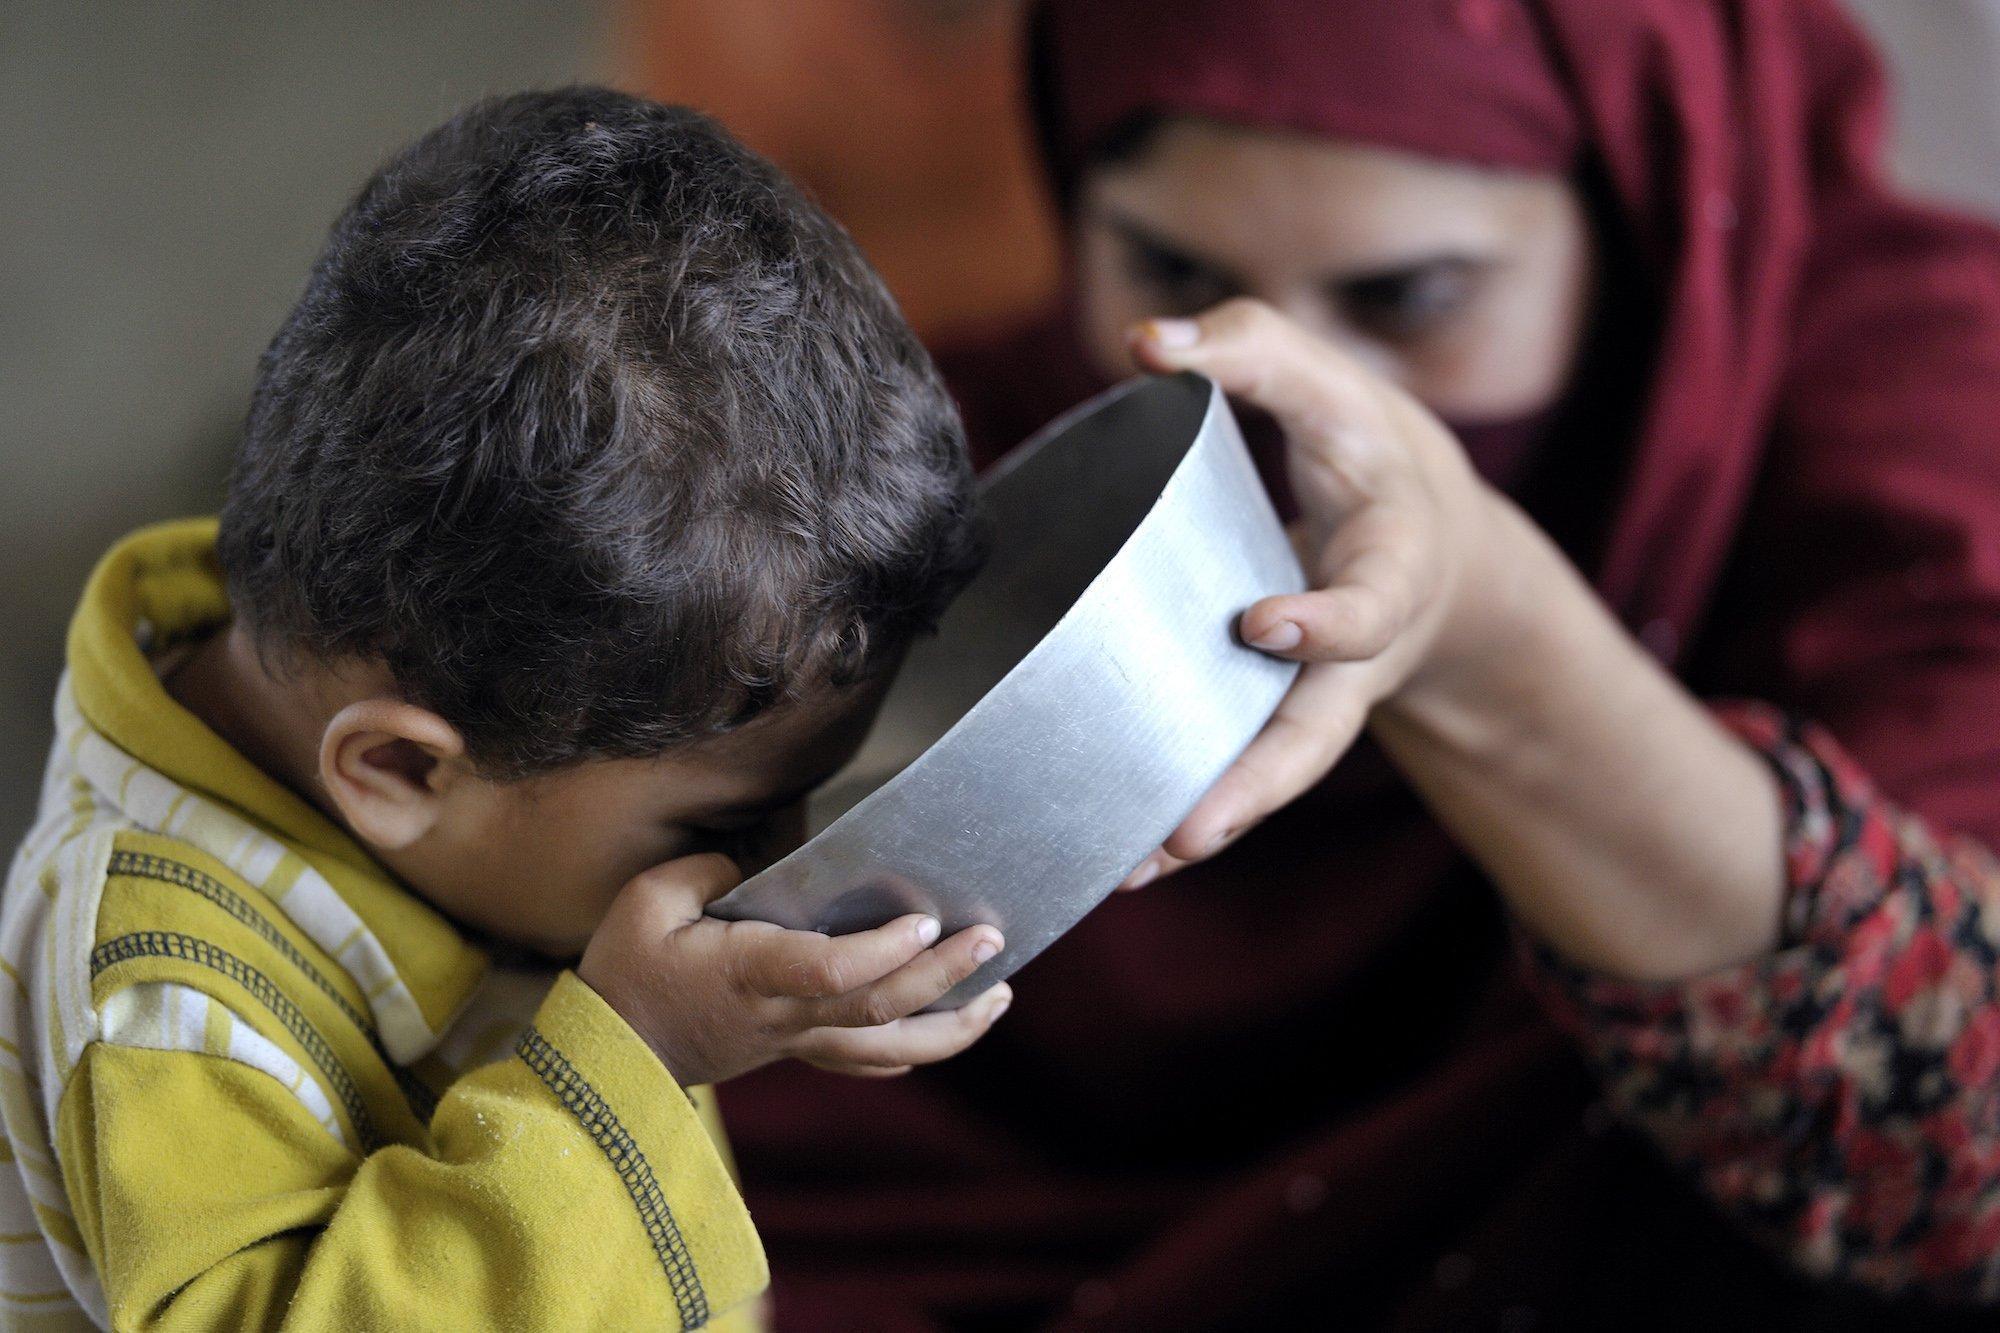 Ein kleines Kind trinkt aus einer Metallschüssel, im Hintergrund ist seine Mutter zu sehen, die das Gefäß hält. Viele Bewohner von überfluteten Orten in Pakistan mussten fliehen und fanden Schutz in Lagern und Versorgung von internationalen Unterstützern. Hier trinkt ein durstiges Kind sauberes Wasser, das UNICEF-Helfer bereitgestellt haben.